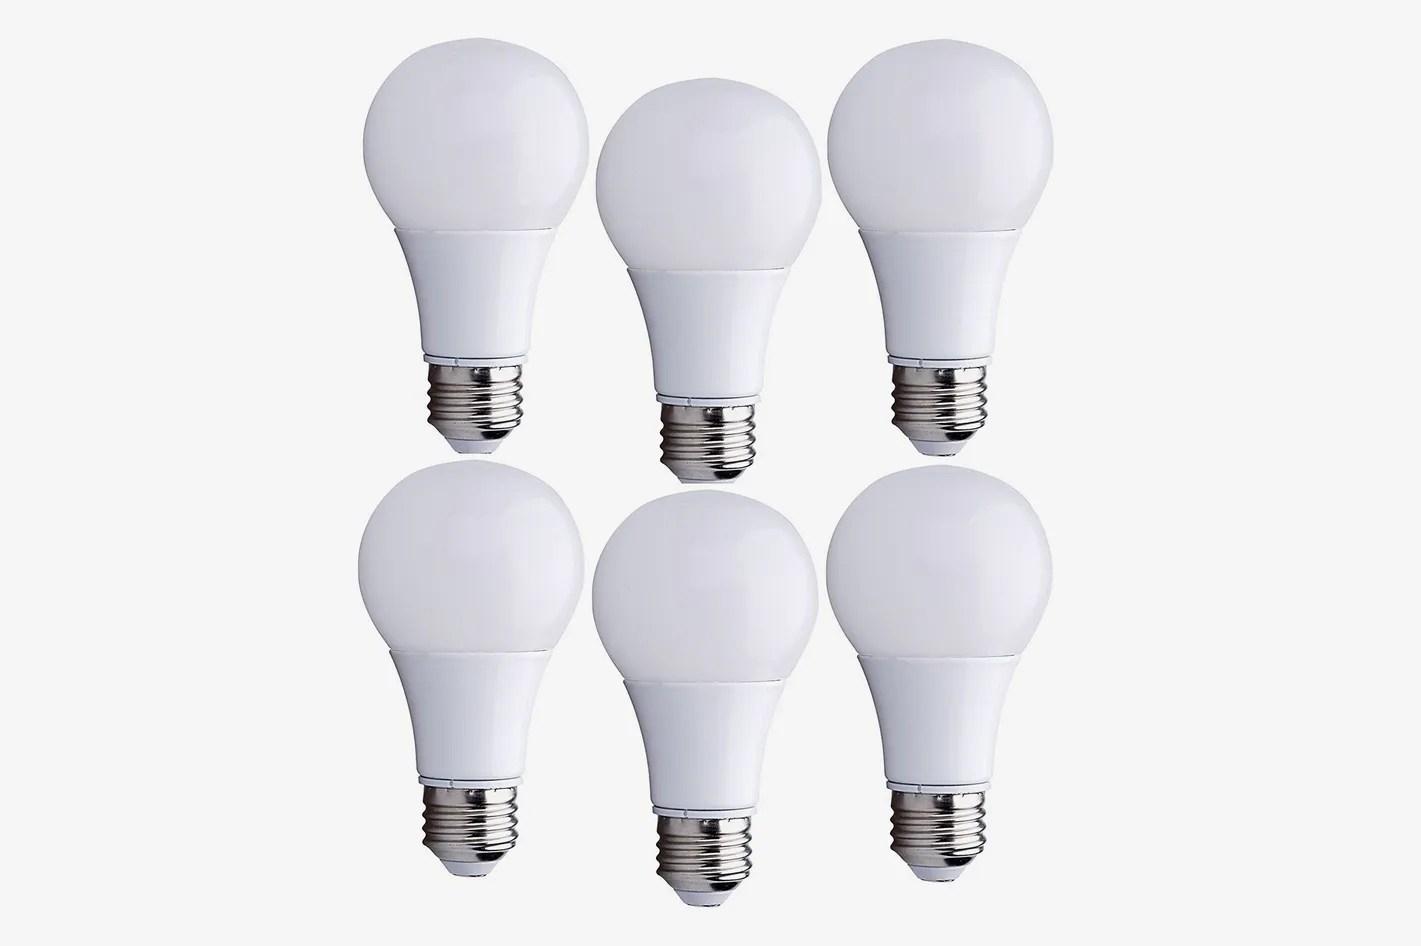 11 best led light